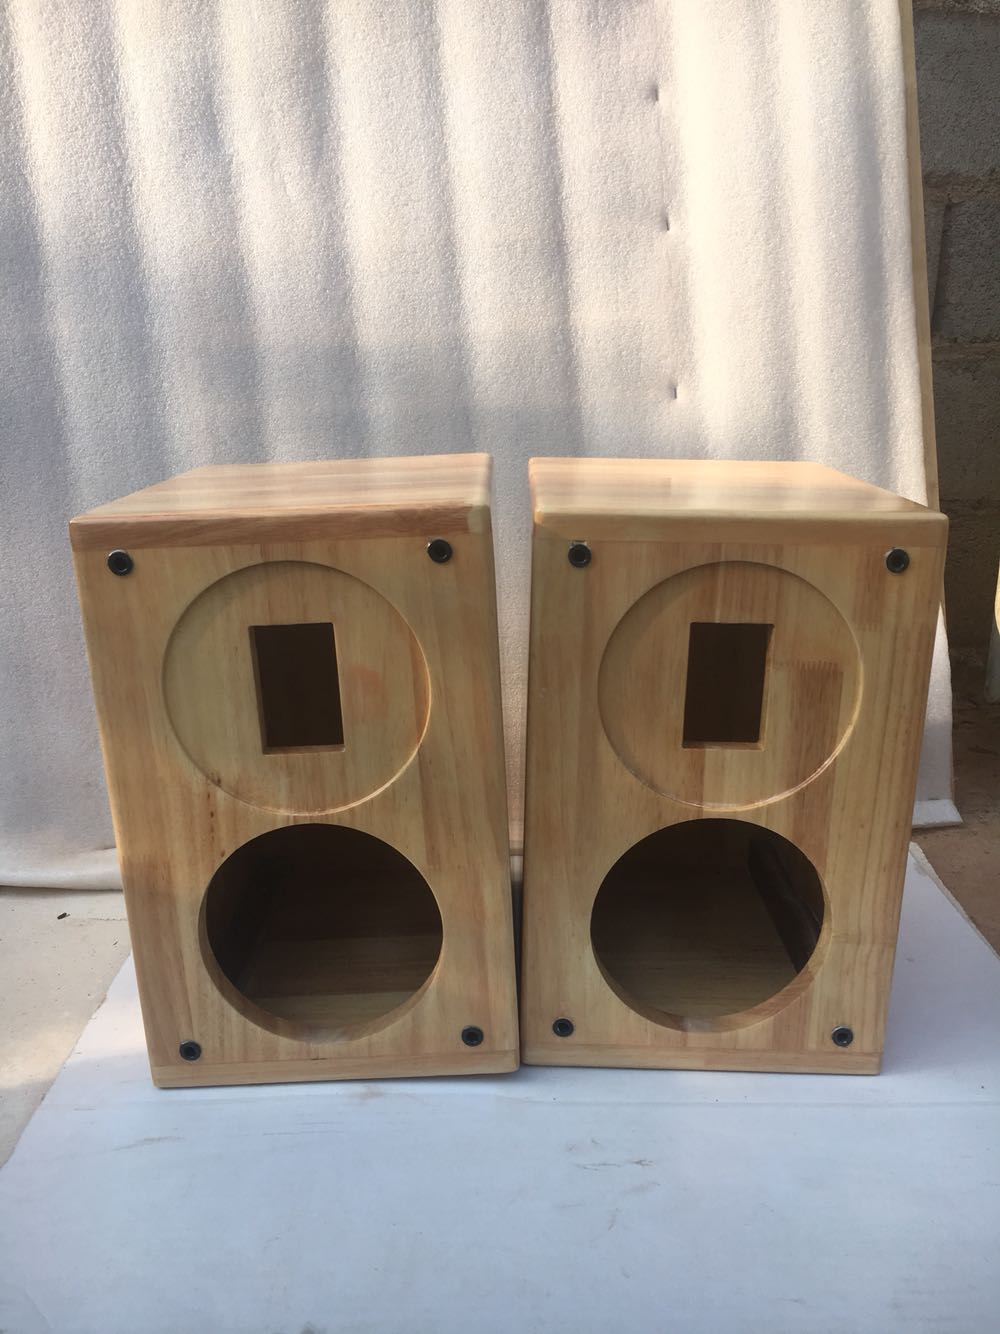 あつらえる木造スピーカー45寸6 . 5寸はち寸の全週波数二週波数分割HiFi本棚DIY Hi熱の箱